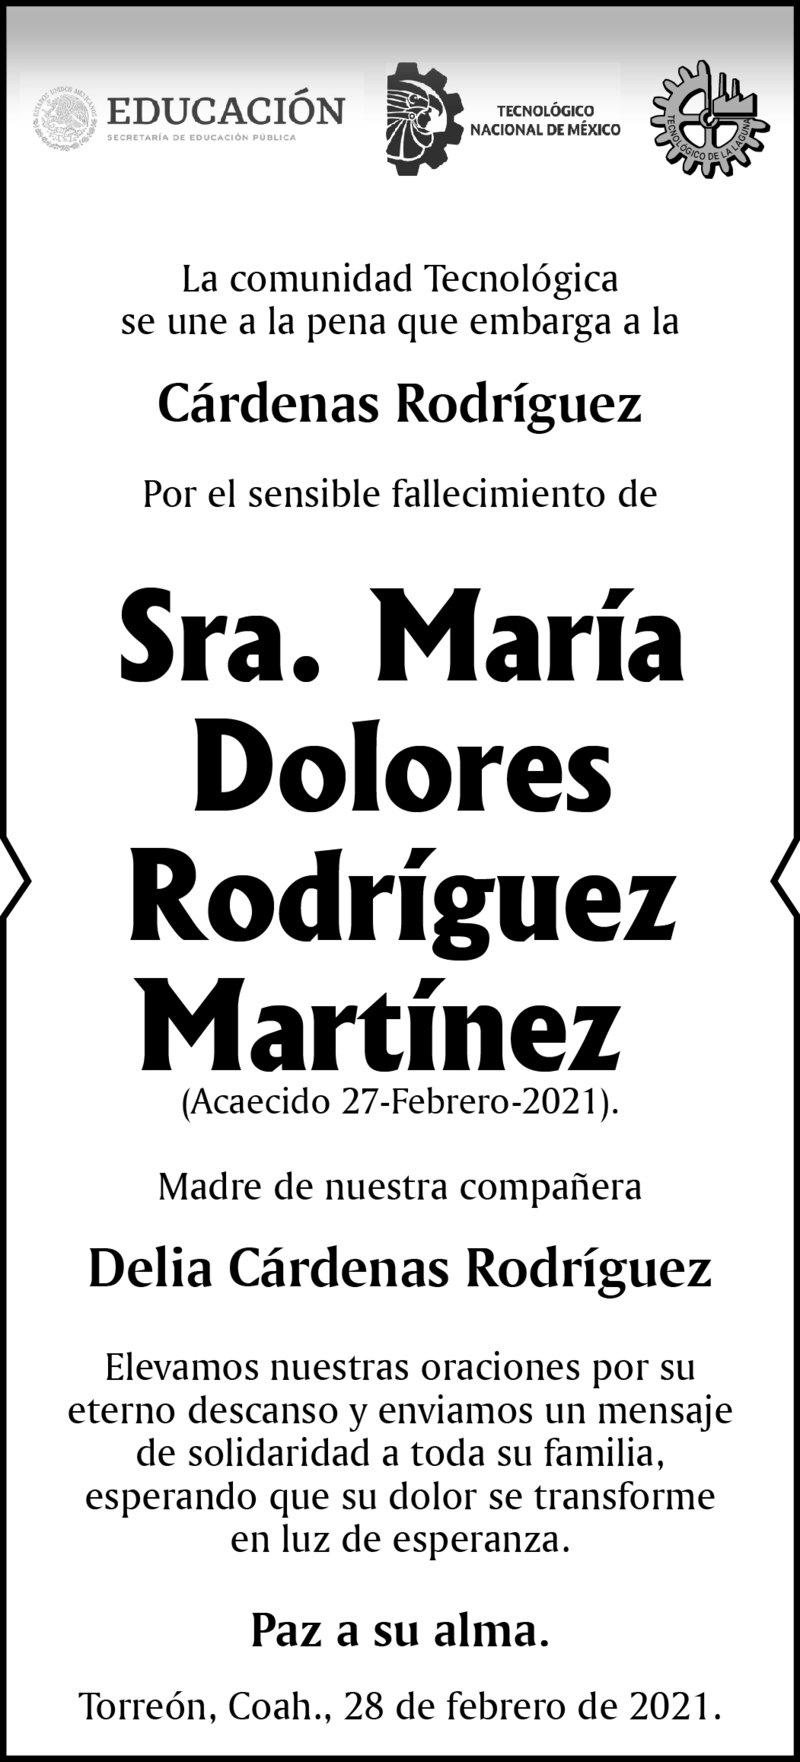 CONDOLENCIA: SRA. MARÍA DOLORES RODRÍGUEZ MARTÍNEZ. La comunidad tecnológica del Tec Laguna, se une a la pena que embarga a la Familia Cárdenas Rodríguez por el fallecimiento de la Sra. María Dolores Rodríguez Martínez.